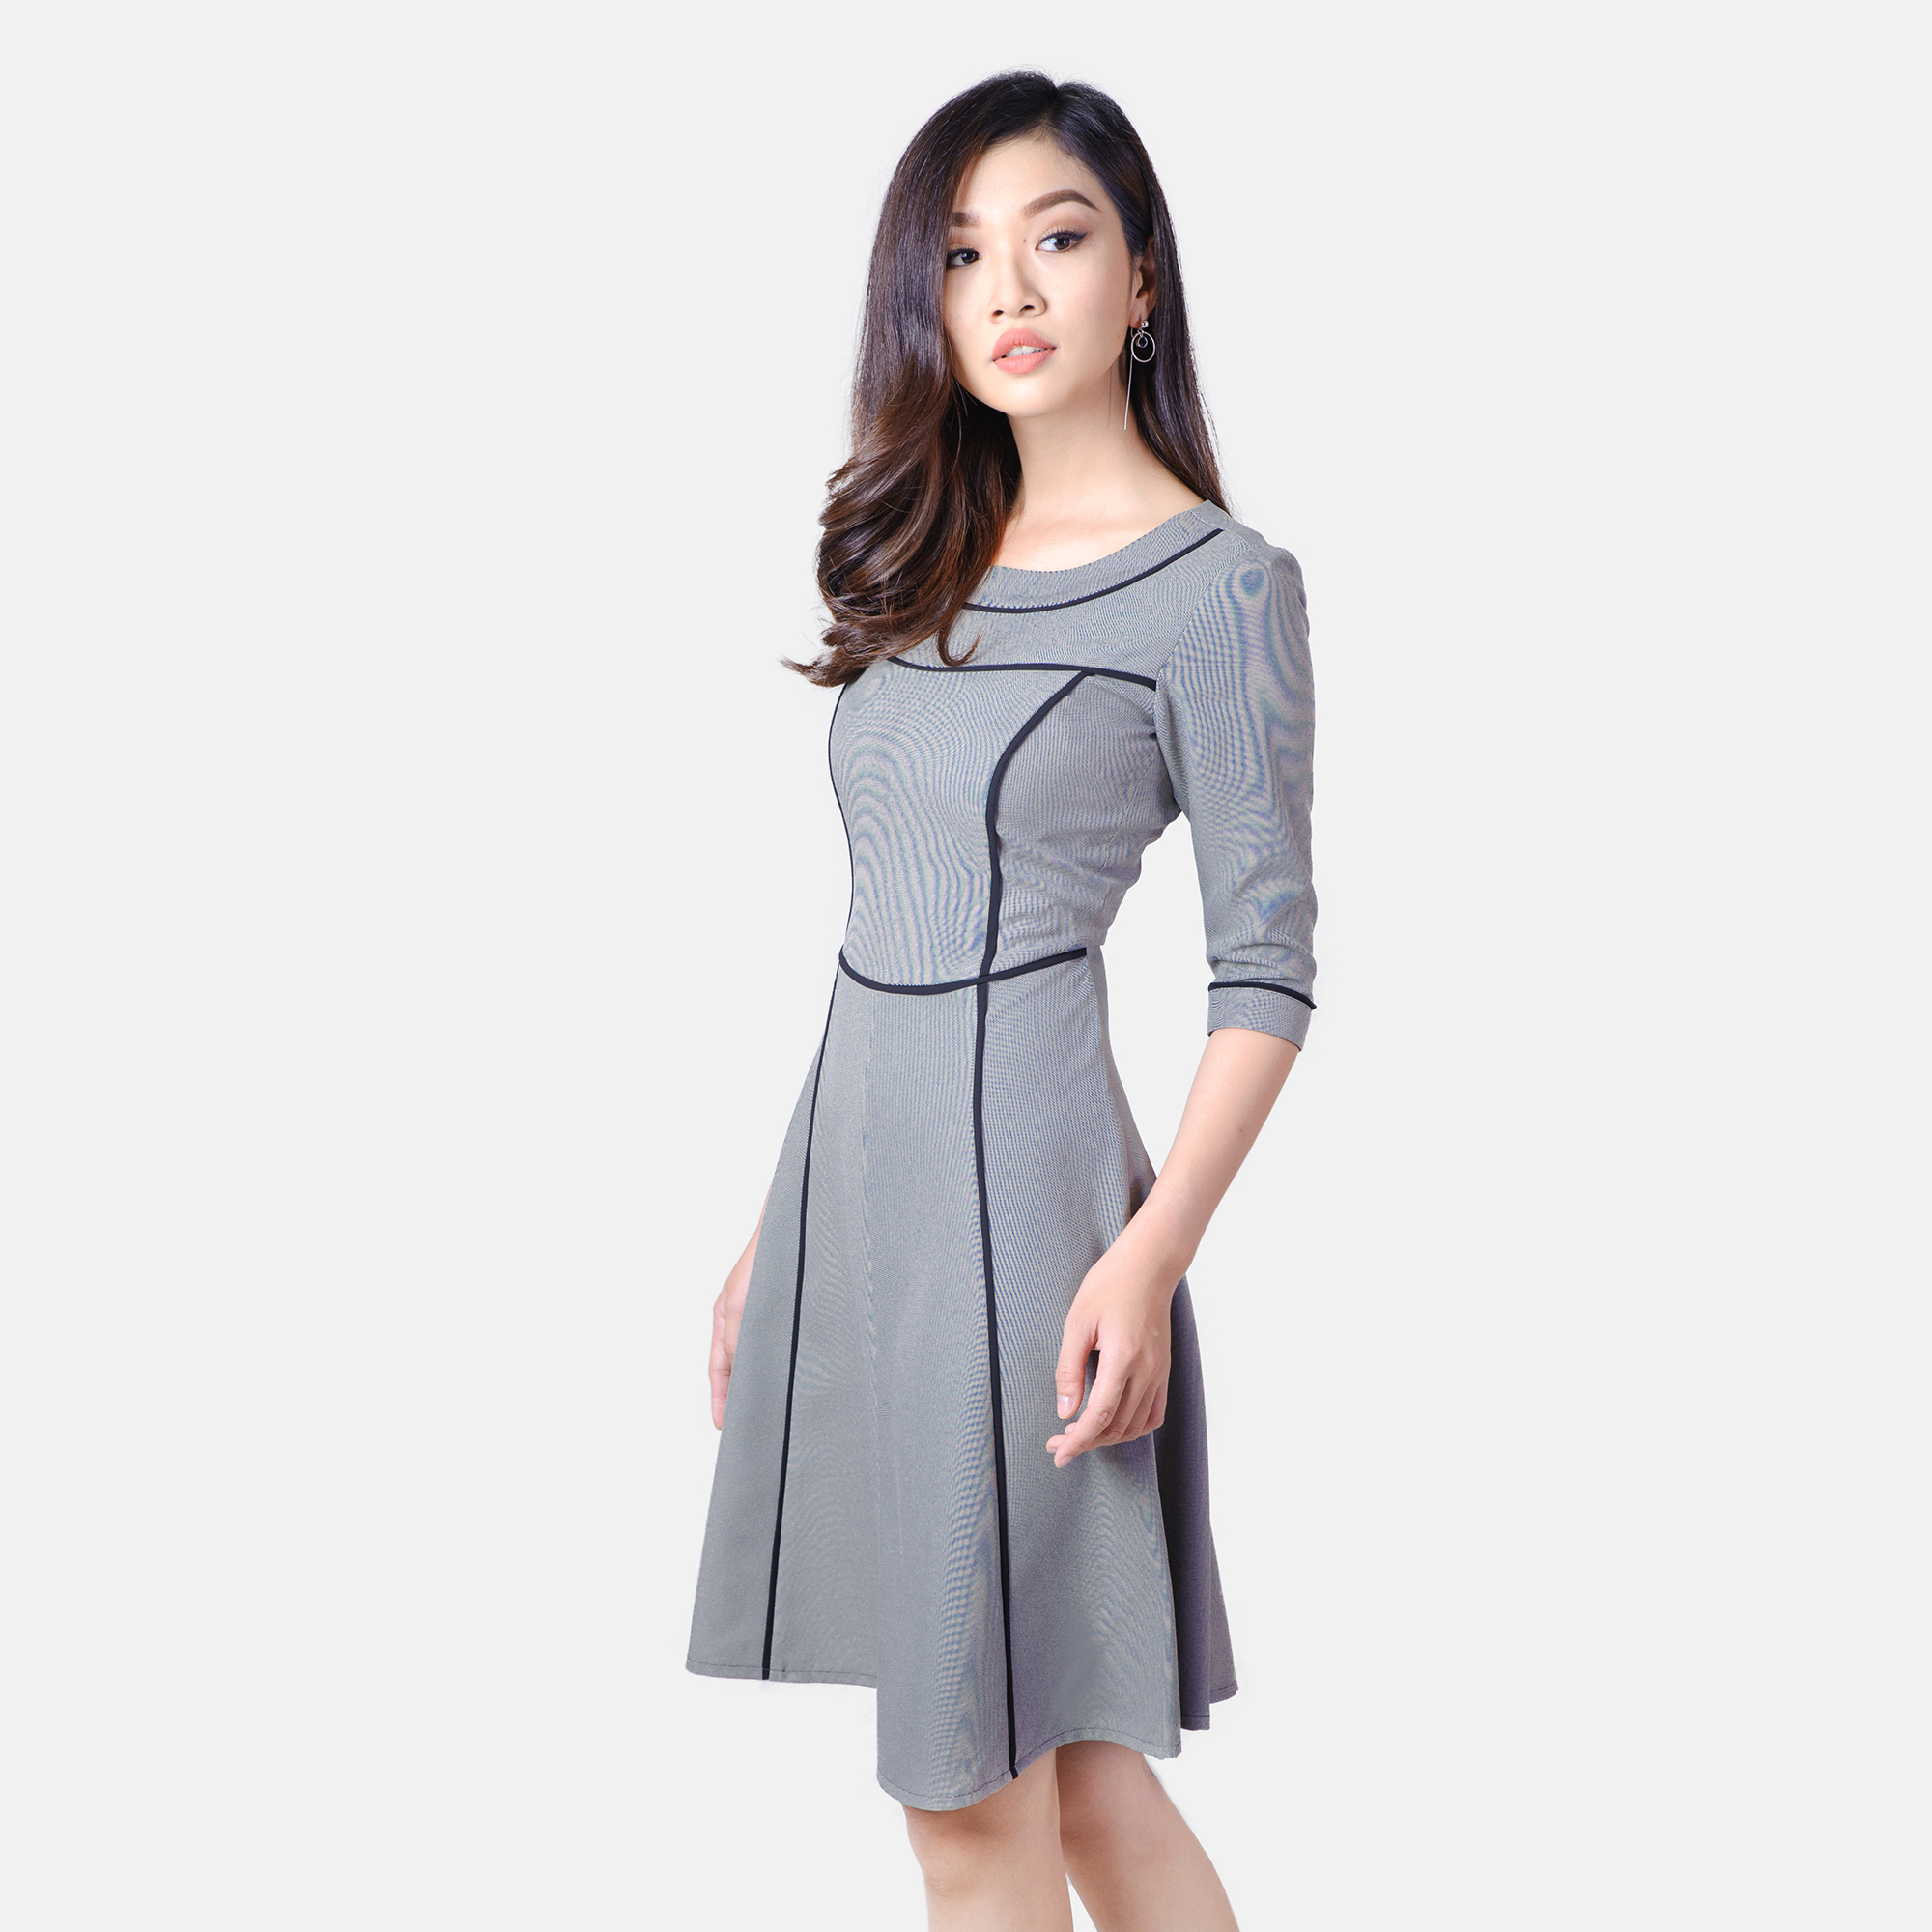 Đầm xòe tay lỡ phối viền đen thời trang Eden d177 (xám)